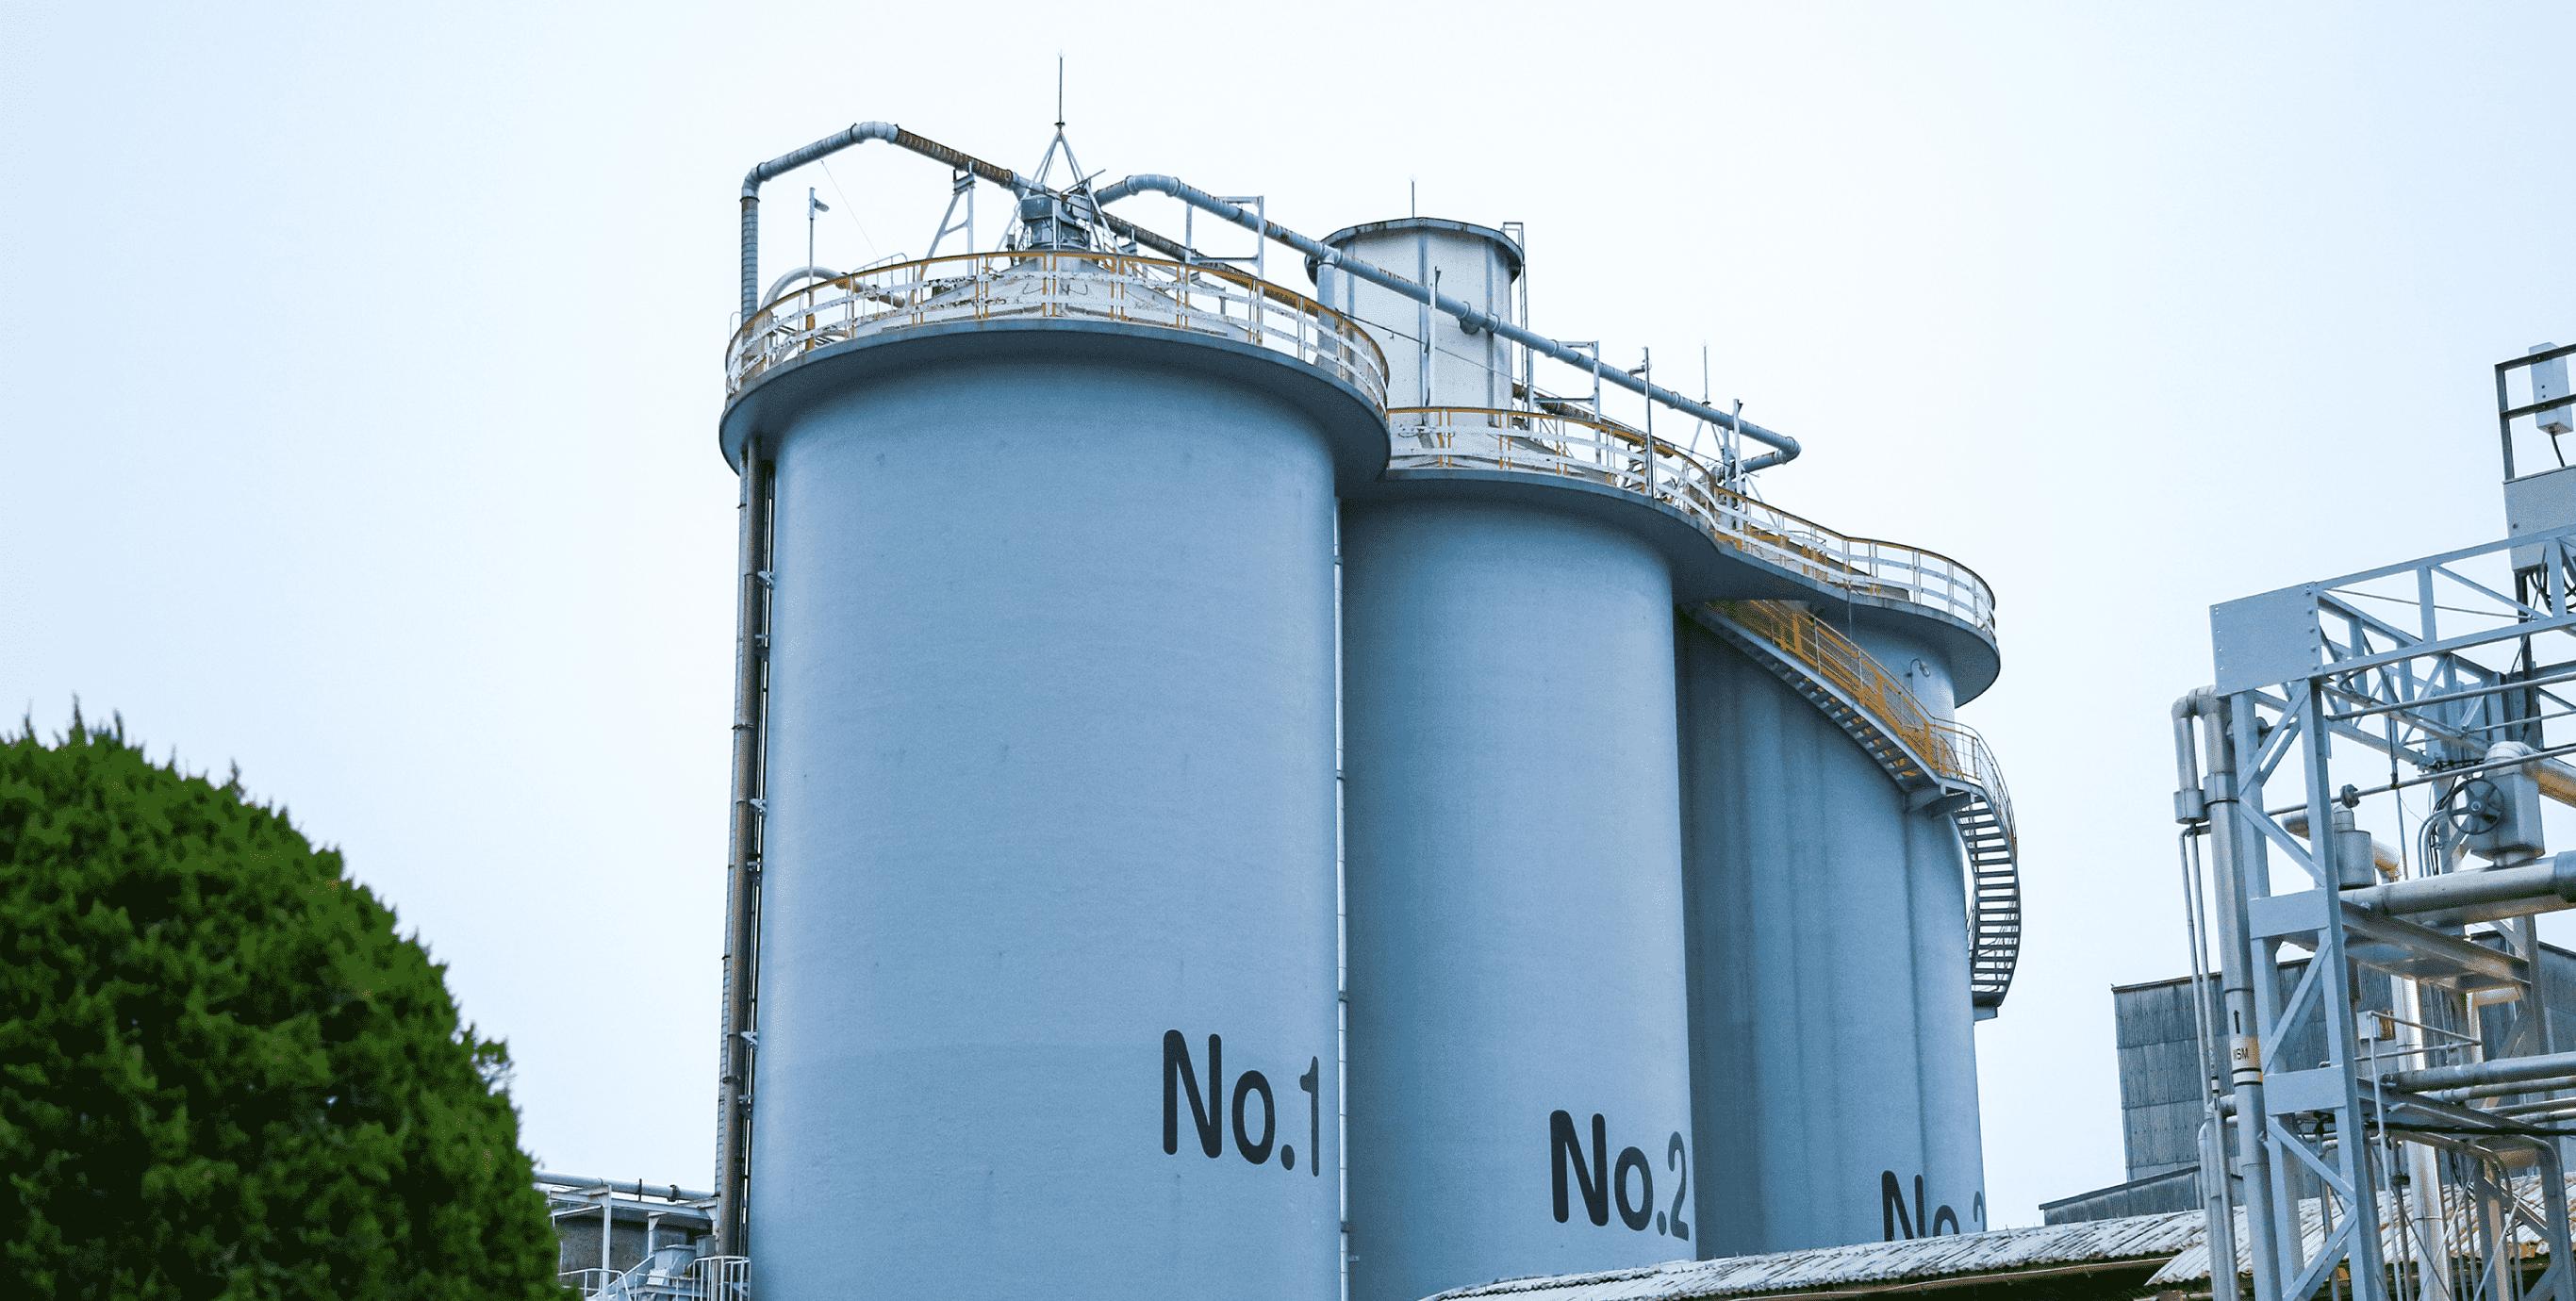 ソアロンの原材料が貯蔵されているタンク